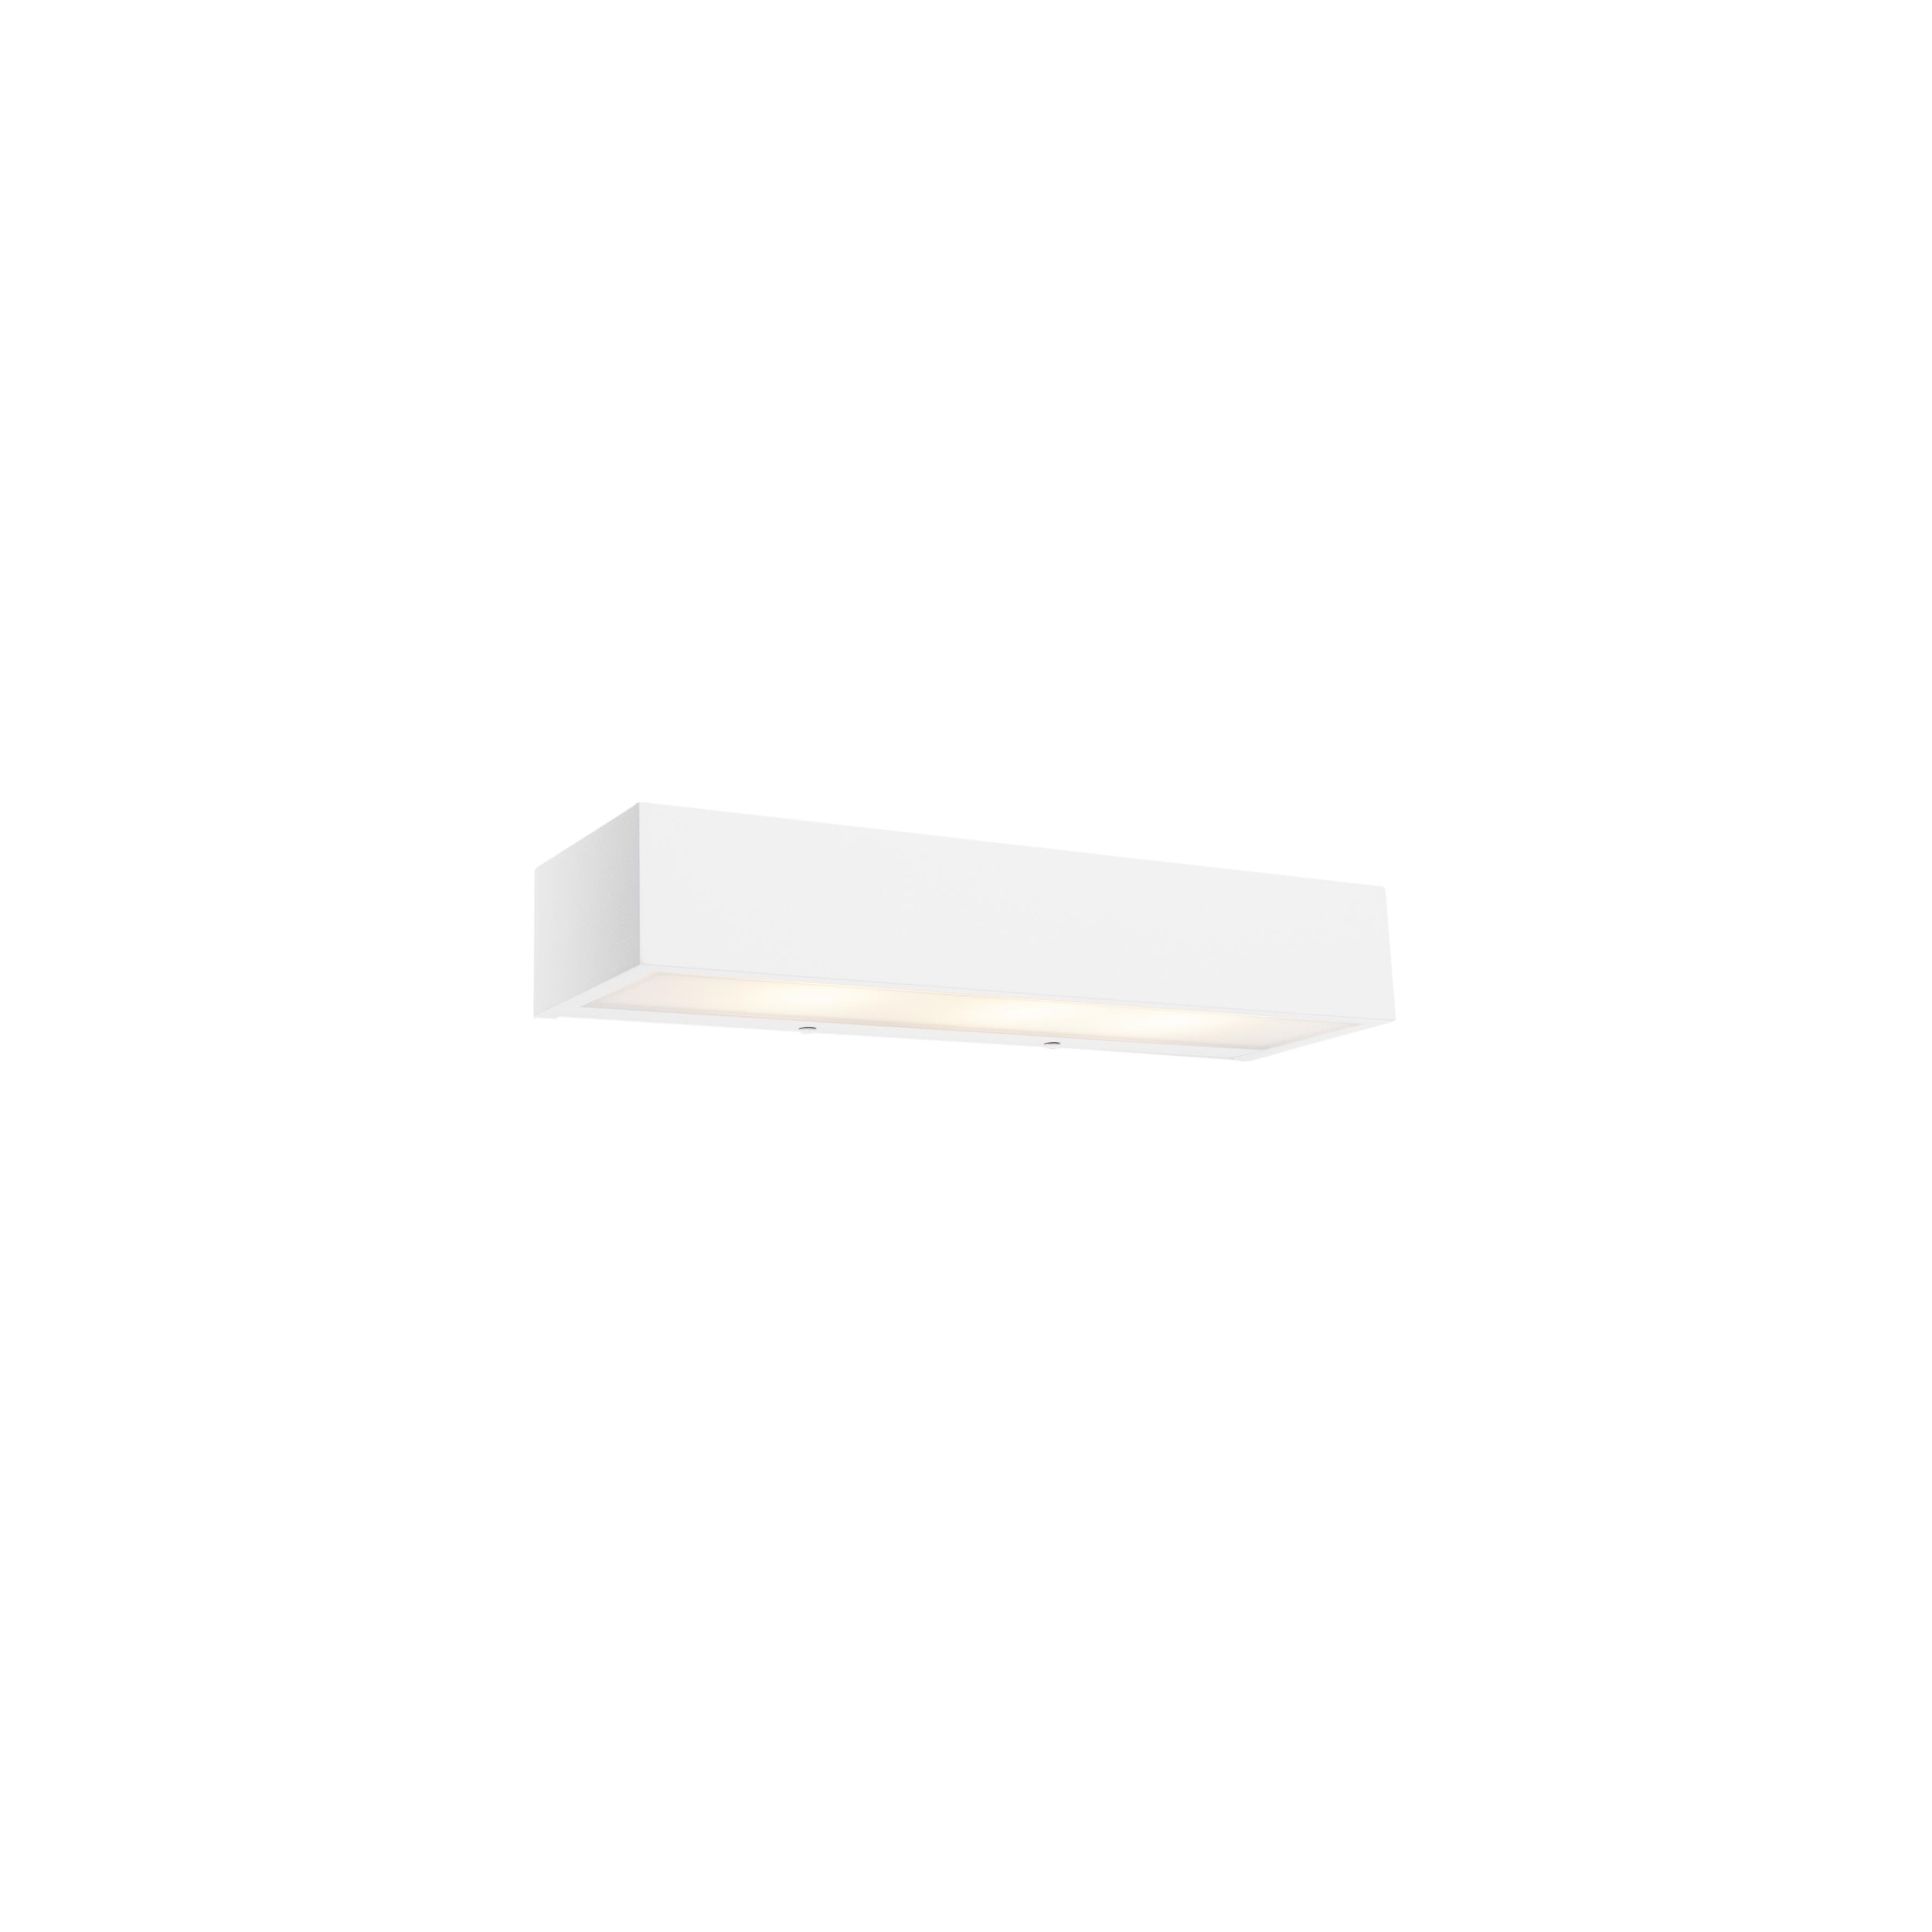 Design langwerpige wandlamp wit 35 cm - Houx